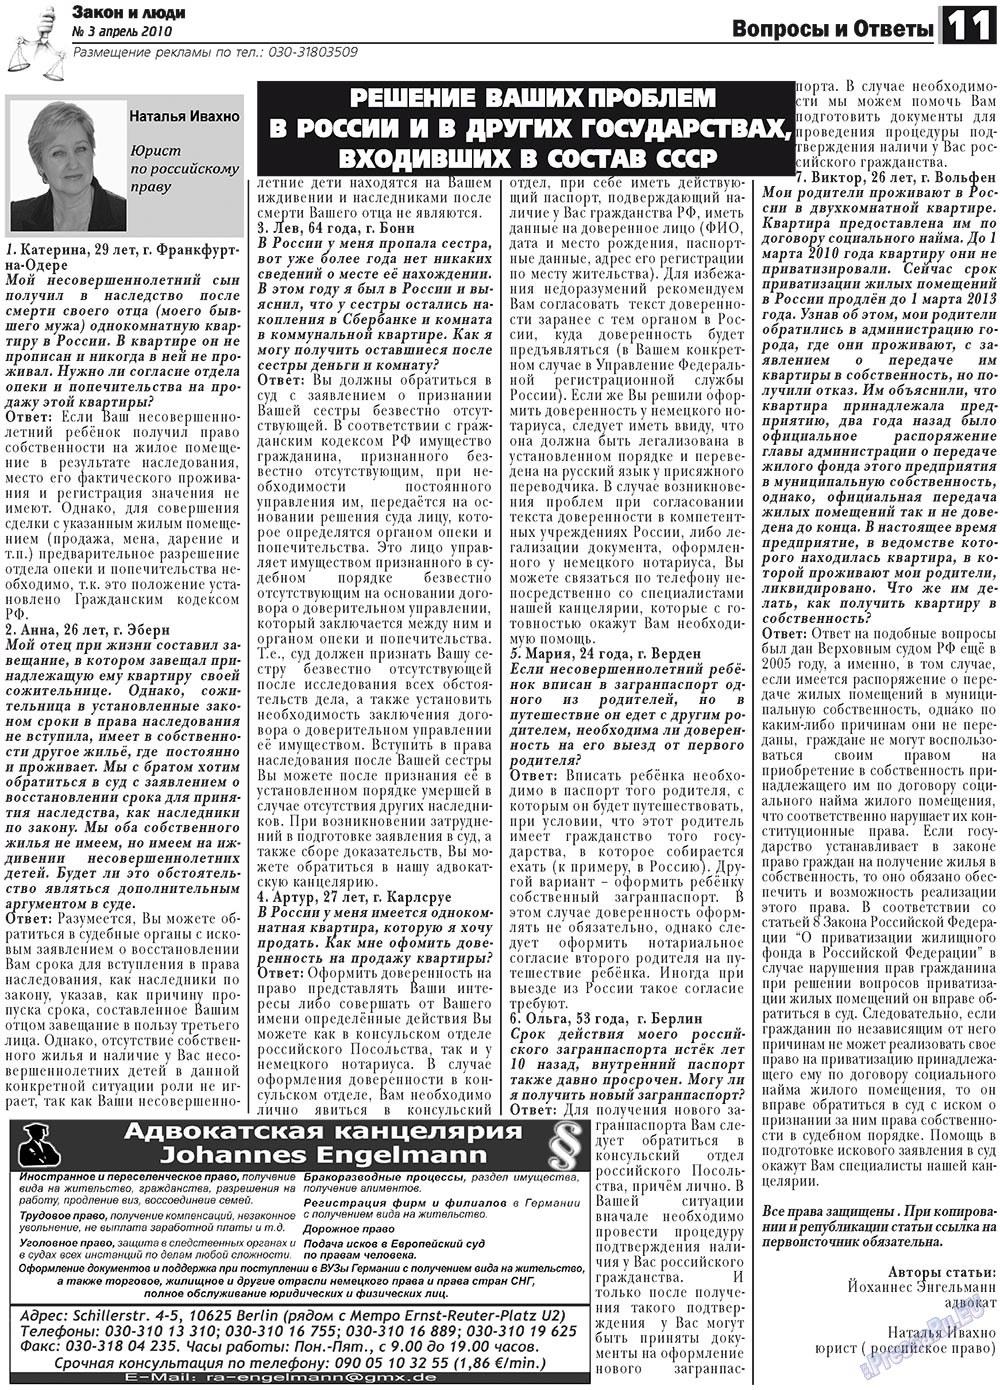 Закон и люди (газета). 2010 год, номер 3, стр. 11